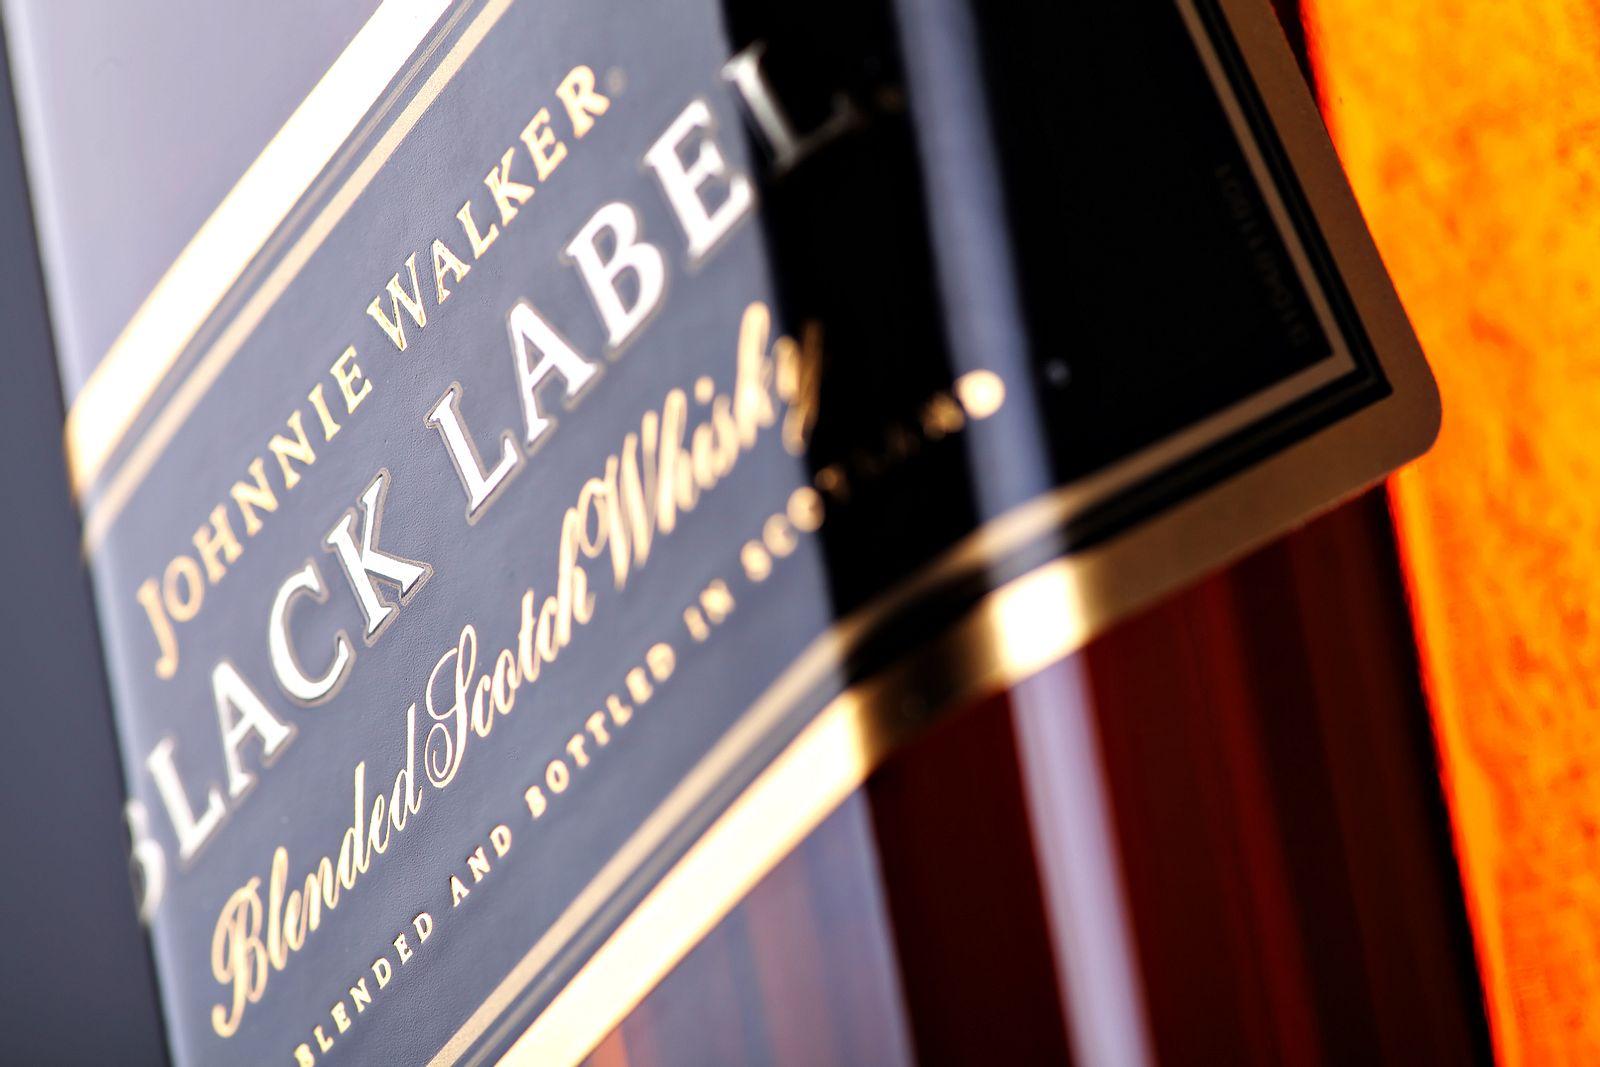 Johnnie Walker feiert 200-jähriges Jubiläum mit 4 exklusiven Sondereditionen